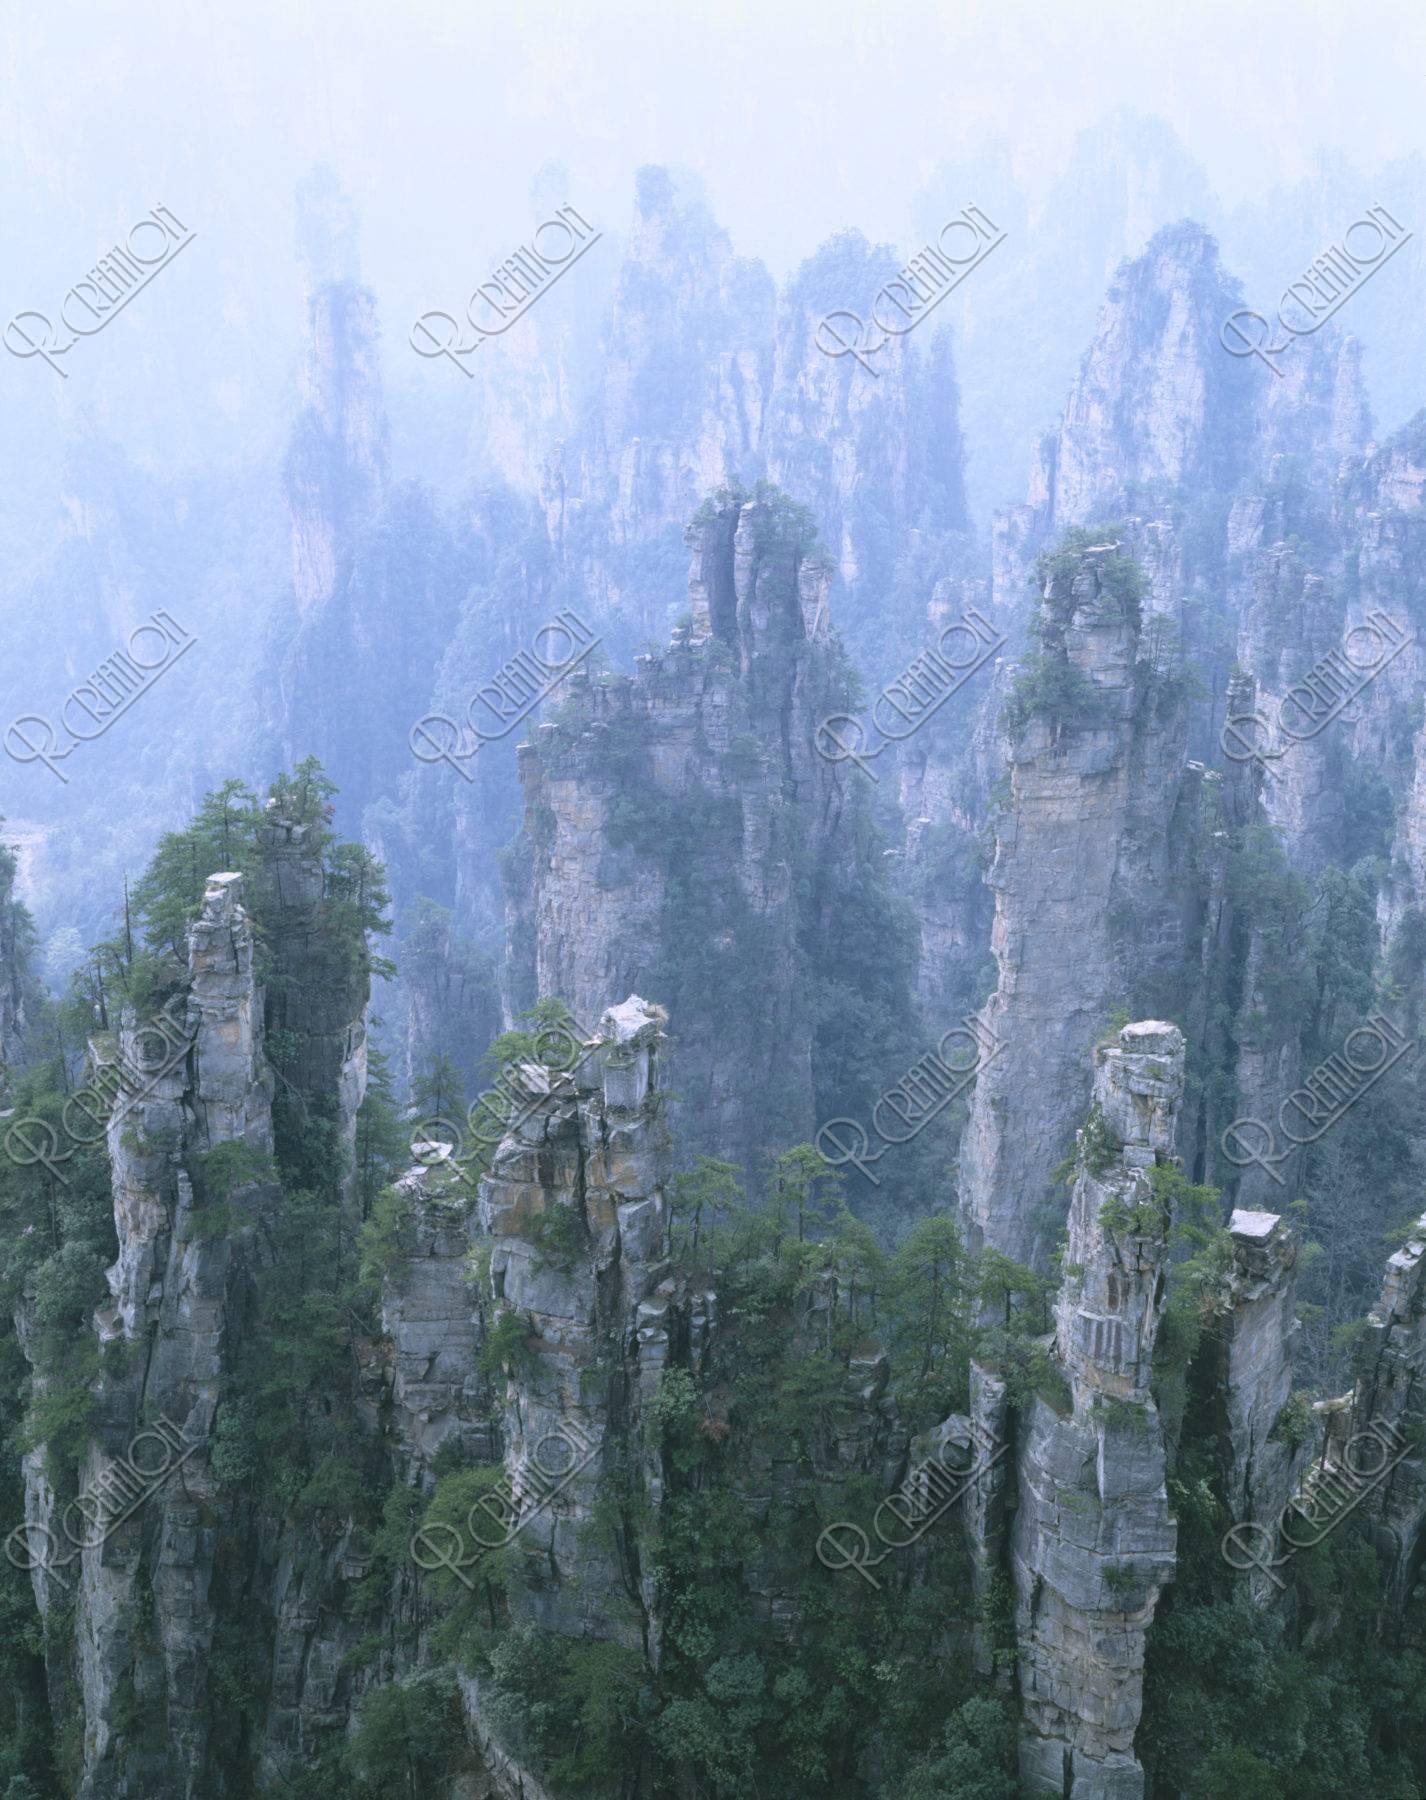 武陵源 張家界 天子山 世界遺産